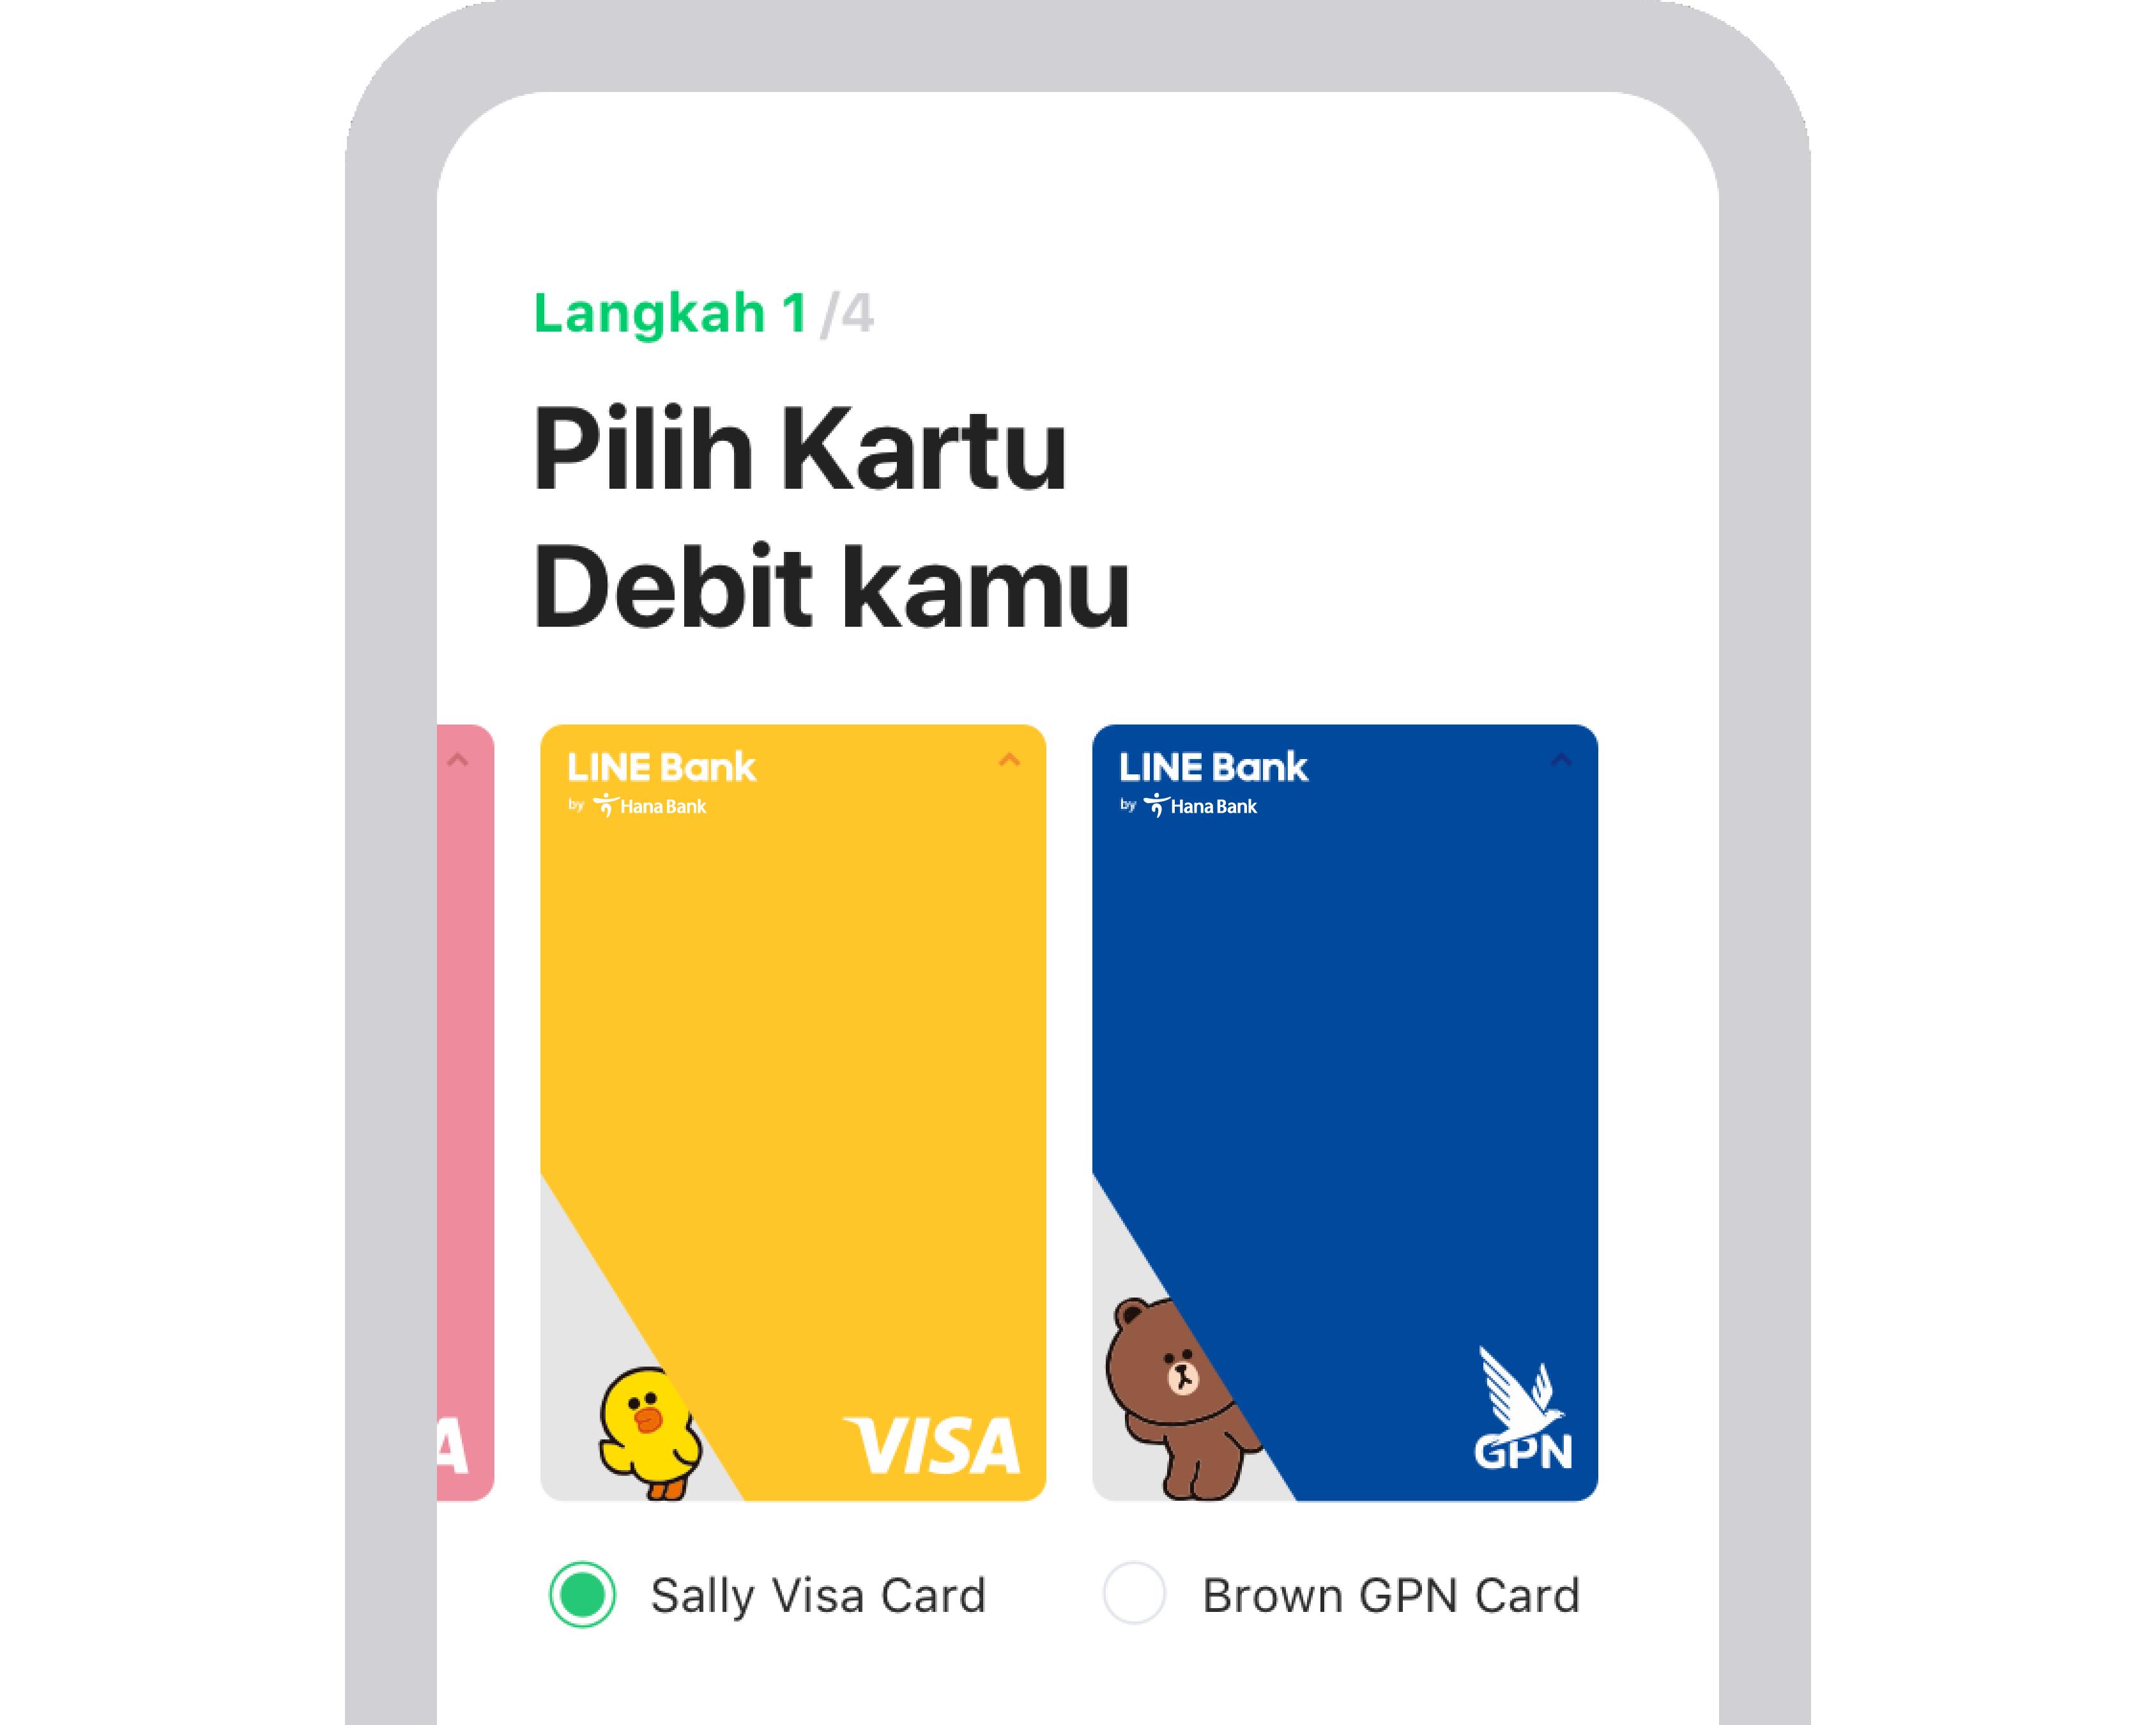 Pilihan kartu dari line bank